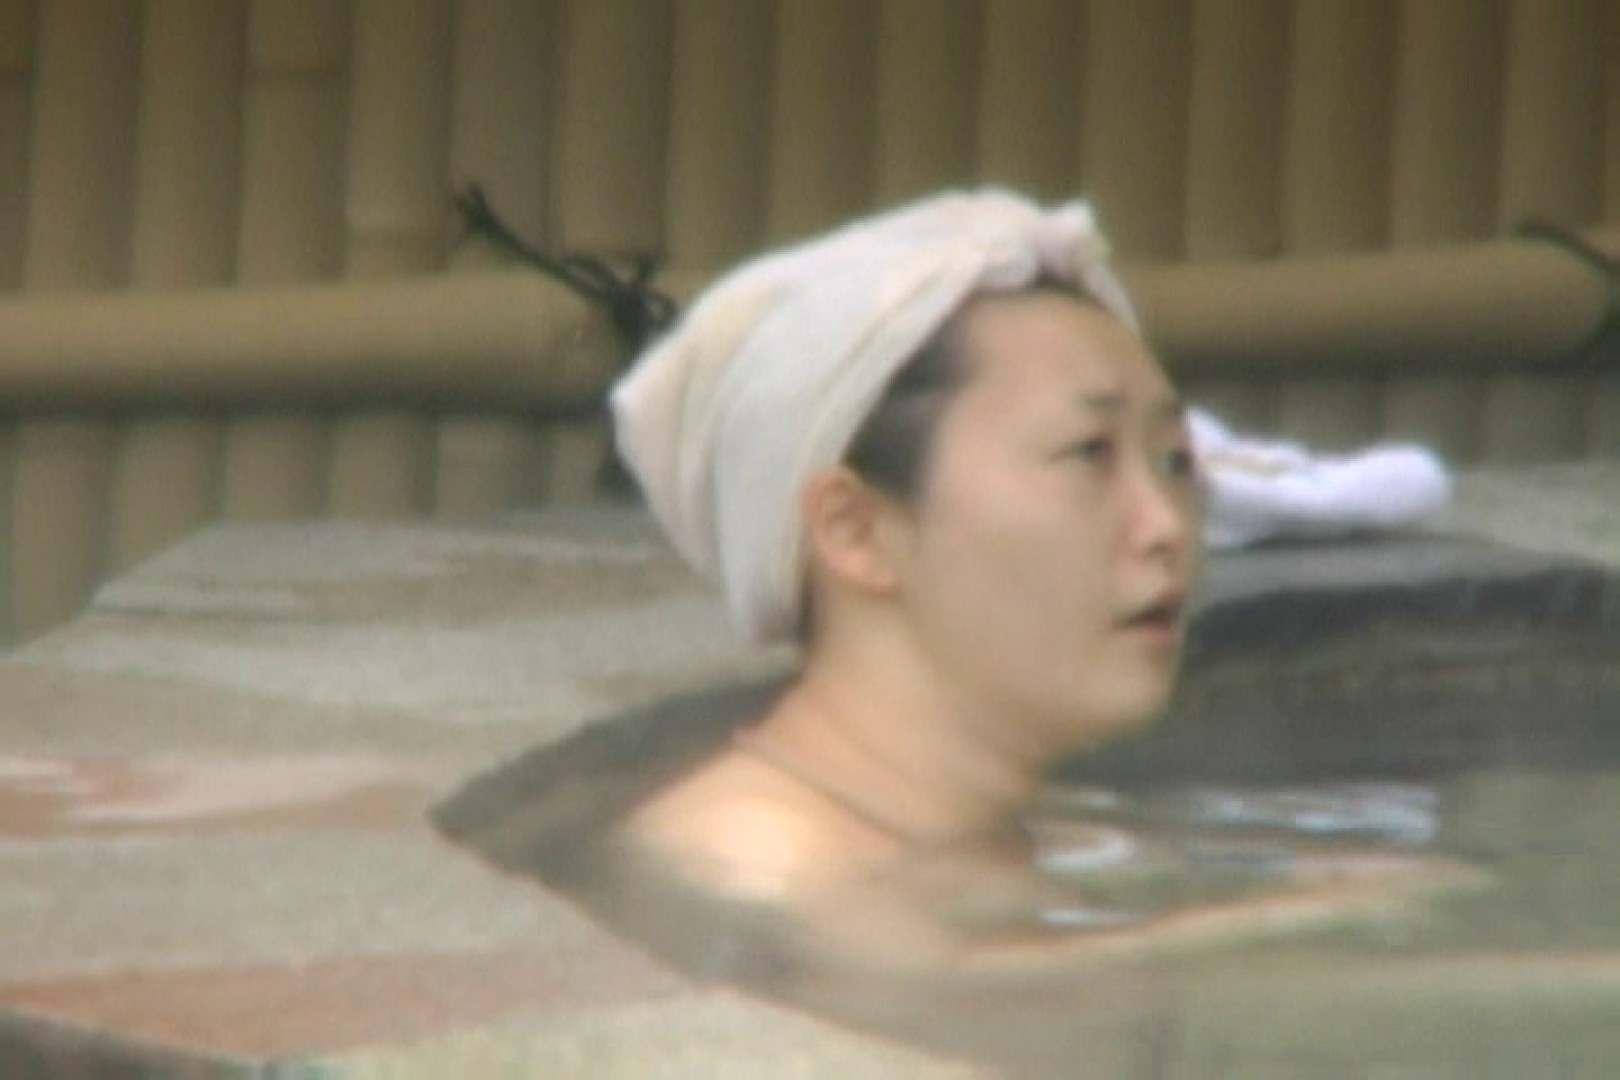 Aquaな露天風呂Vol.564 0  99pic 44